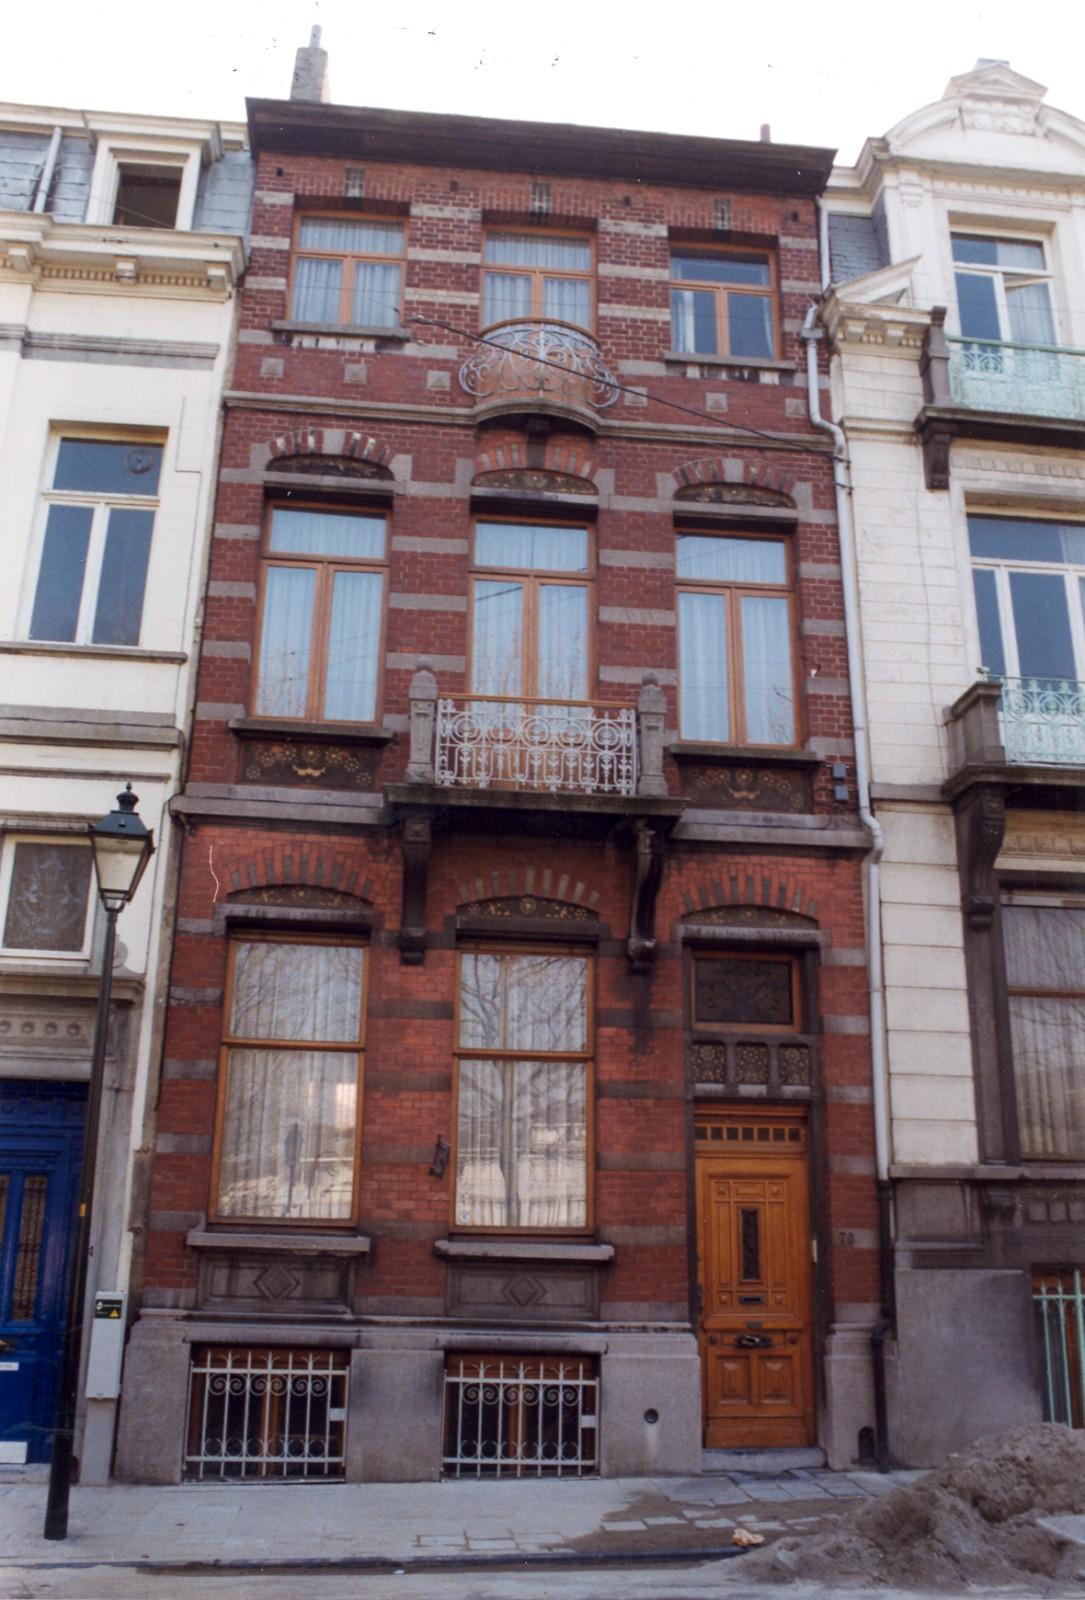 Saint gilles rue de parme 76 de kock hubert for Rue de parme